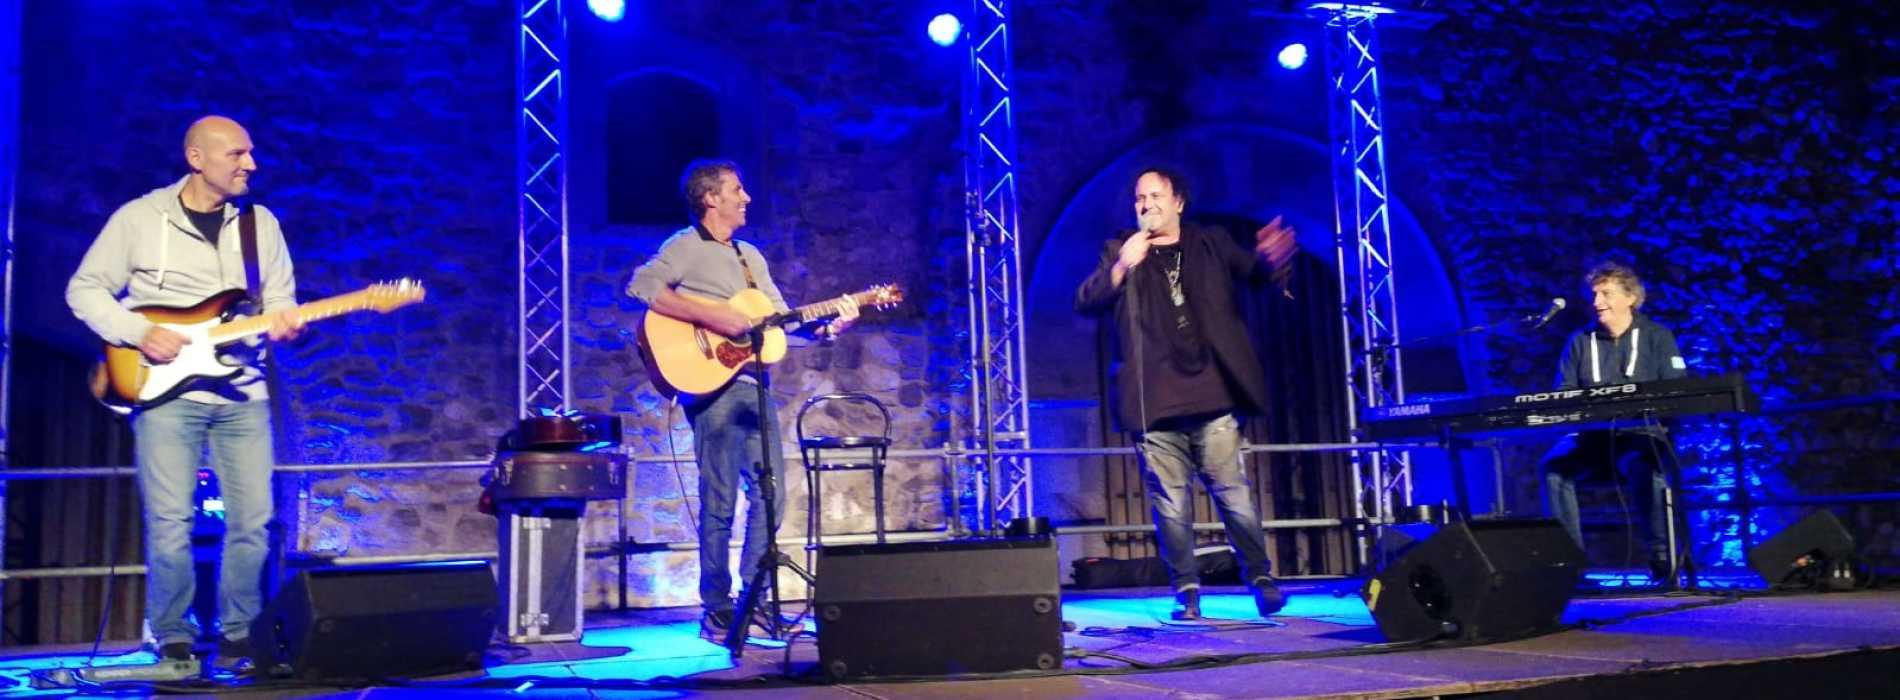 Settembre al Borgo, Avitabile chiude il Festival al Castello